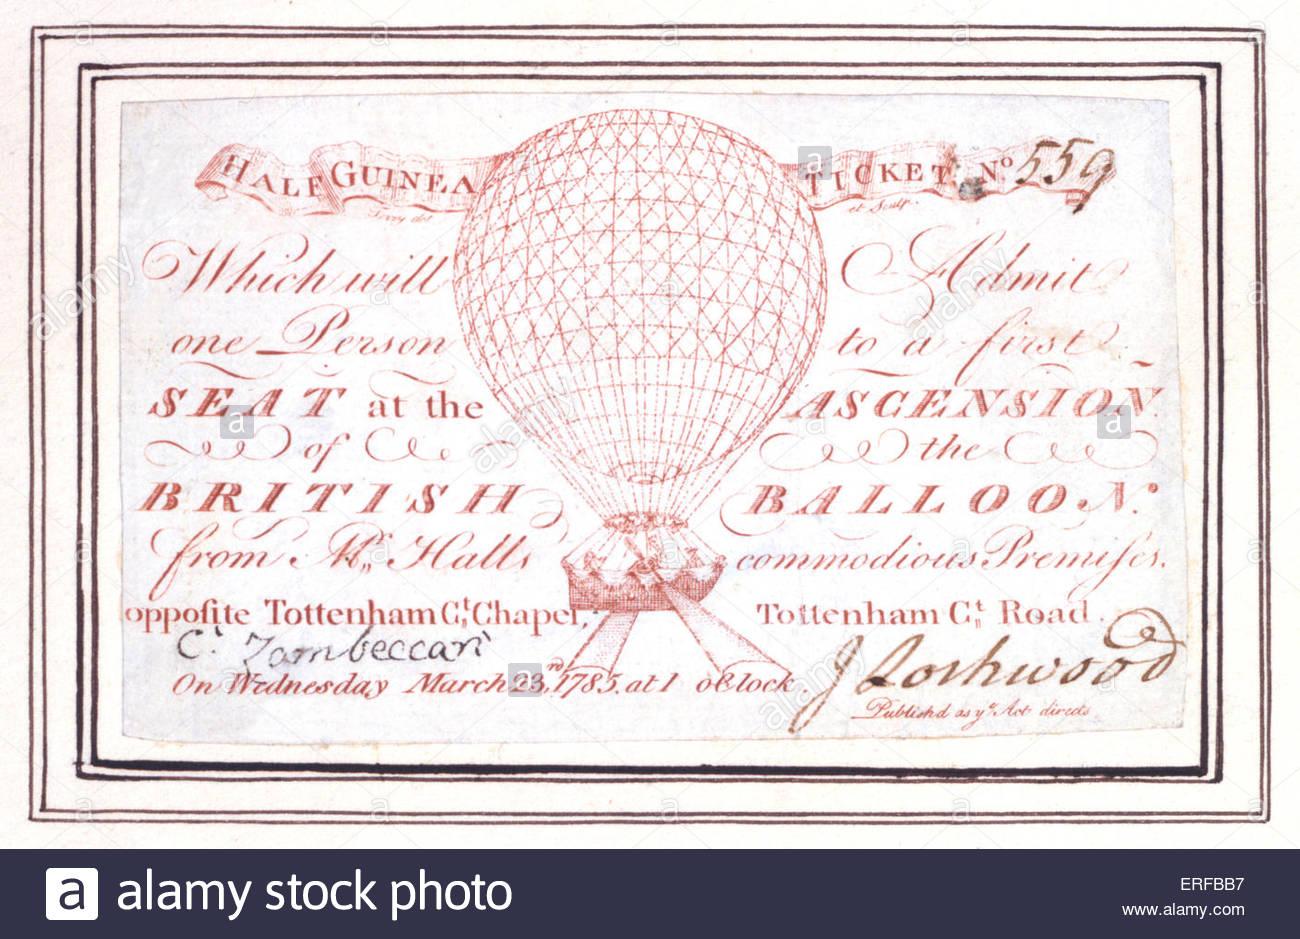 Halbe Guinea Ticket für einen Ballon Aufstieg an der Tottenham Court Road, London, England am 23. März Stockbild